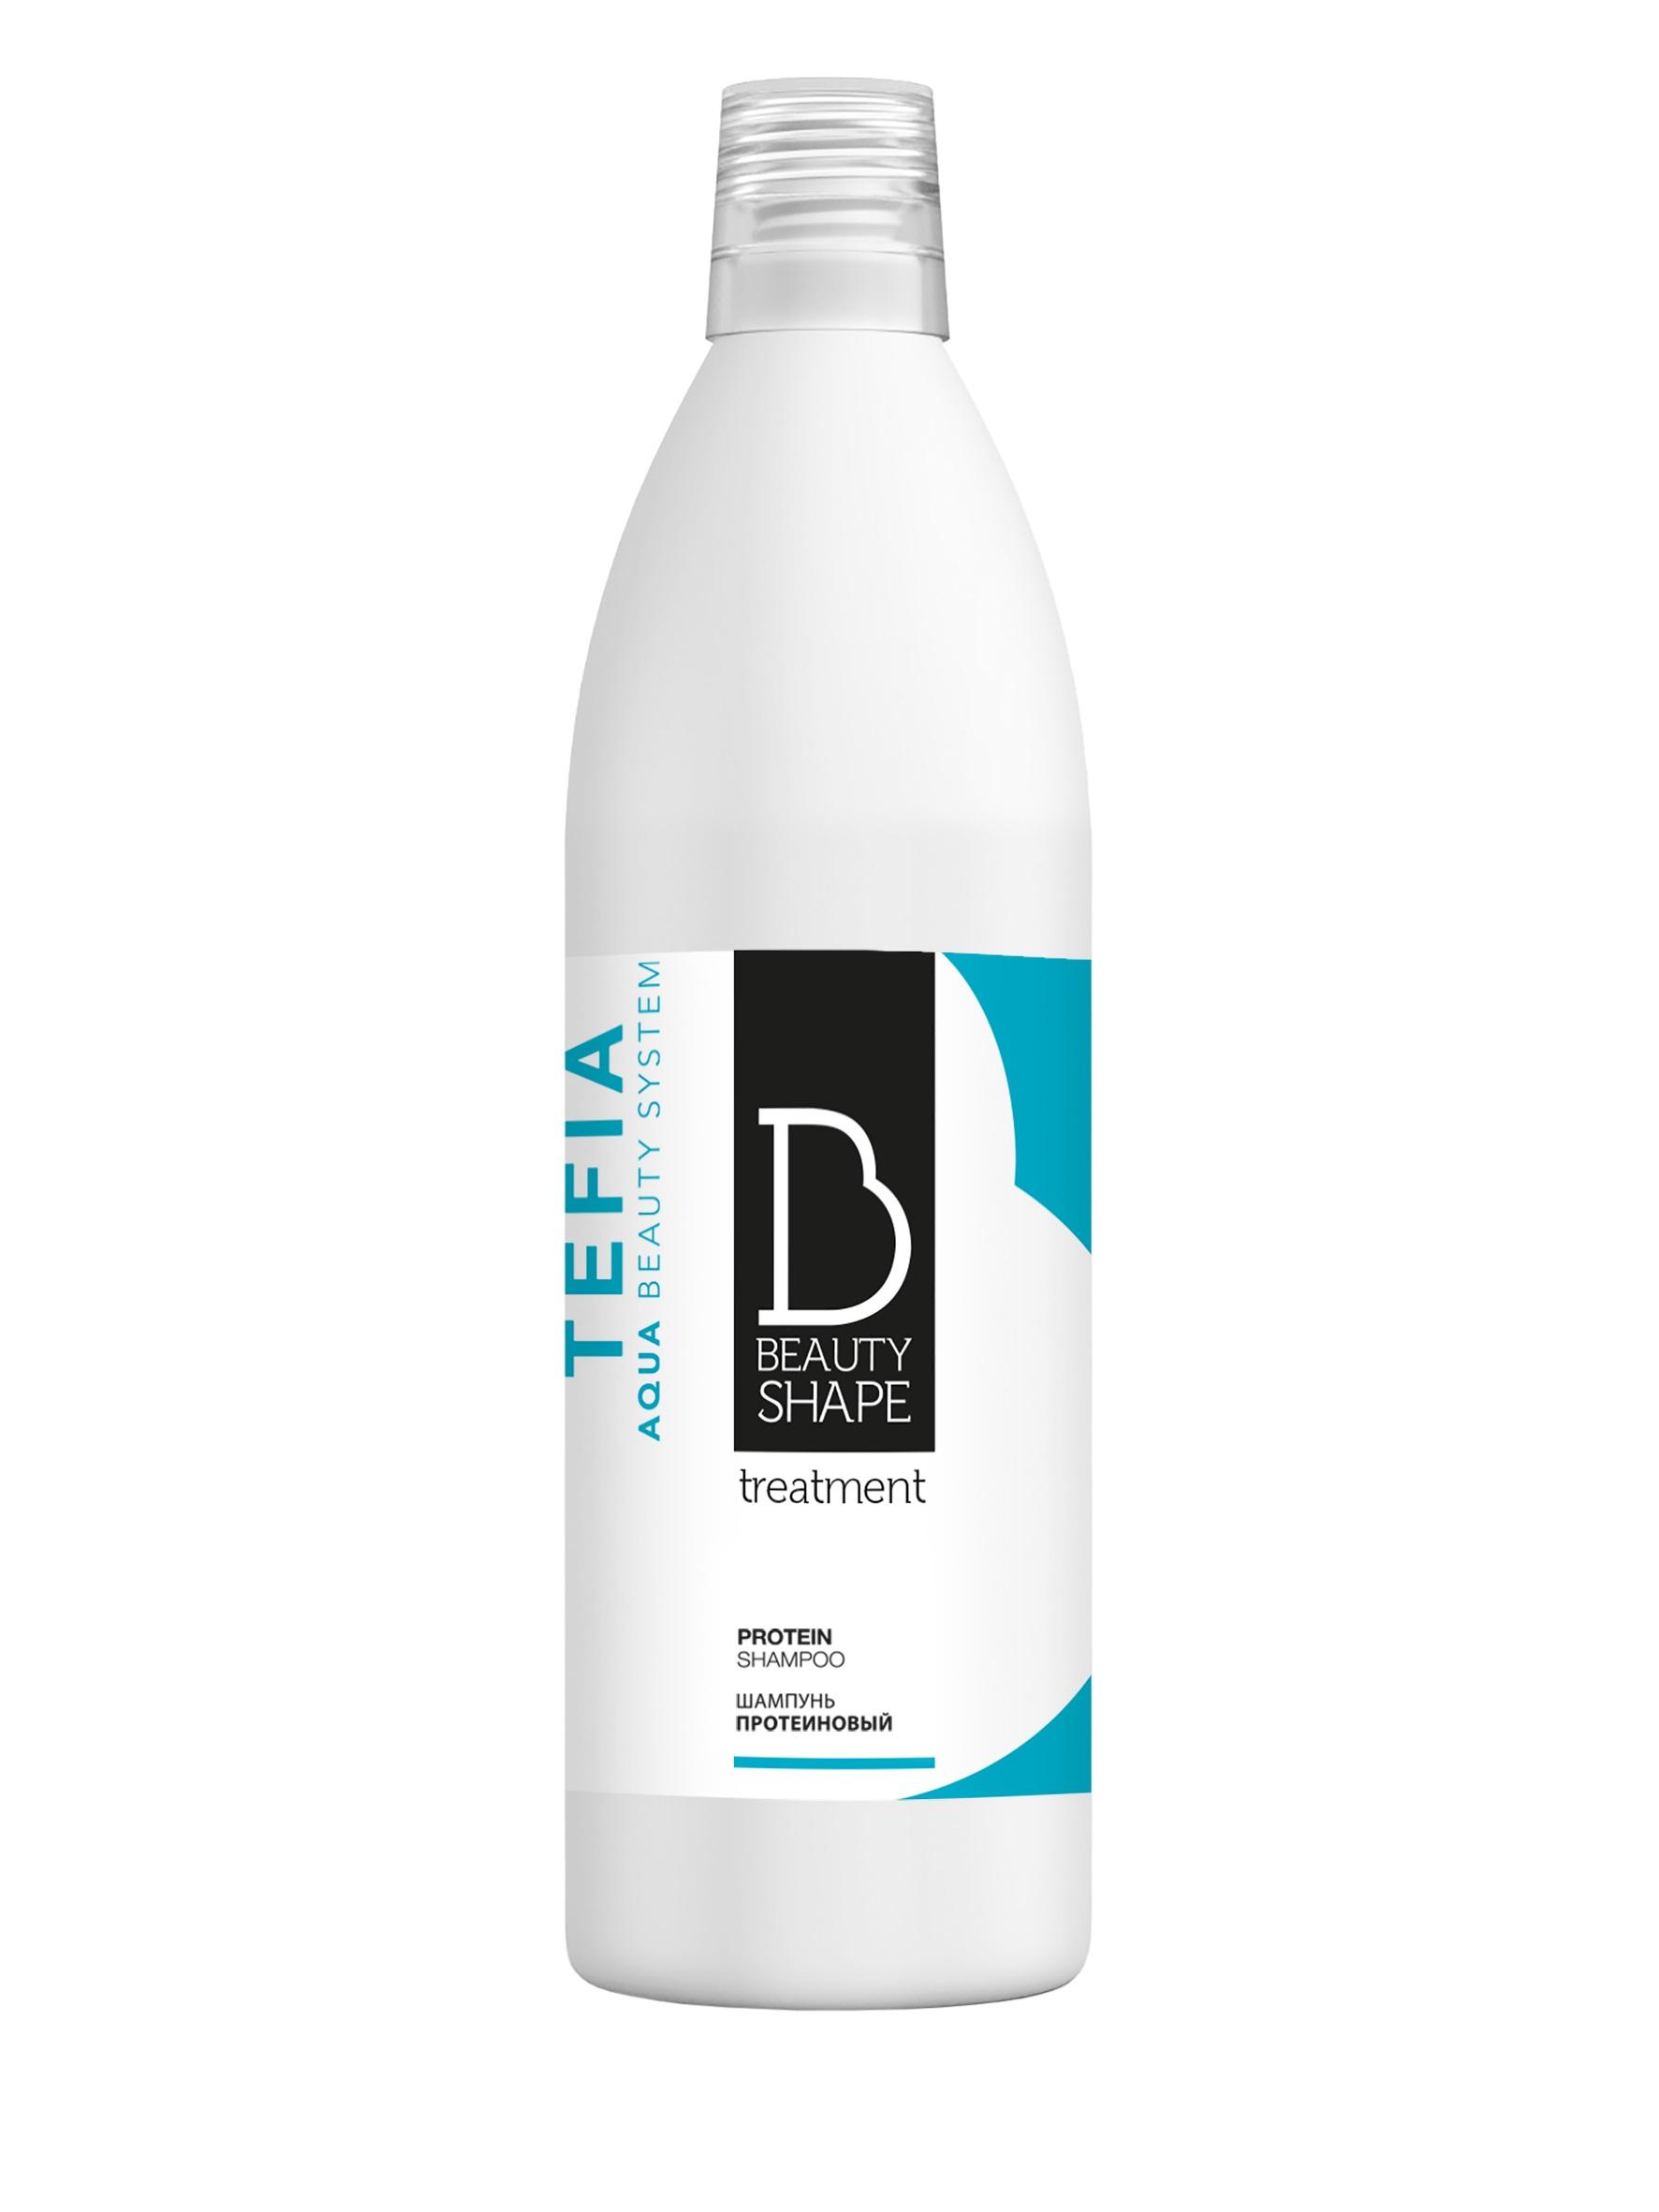 TEFIA Шампунь протеиновый / Beauty Shape Treatment 1000 мл фото